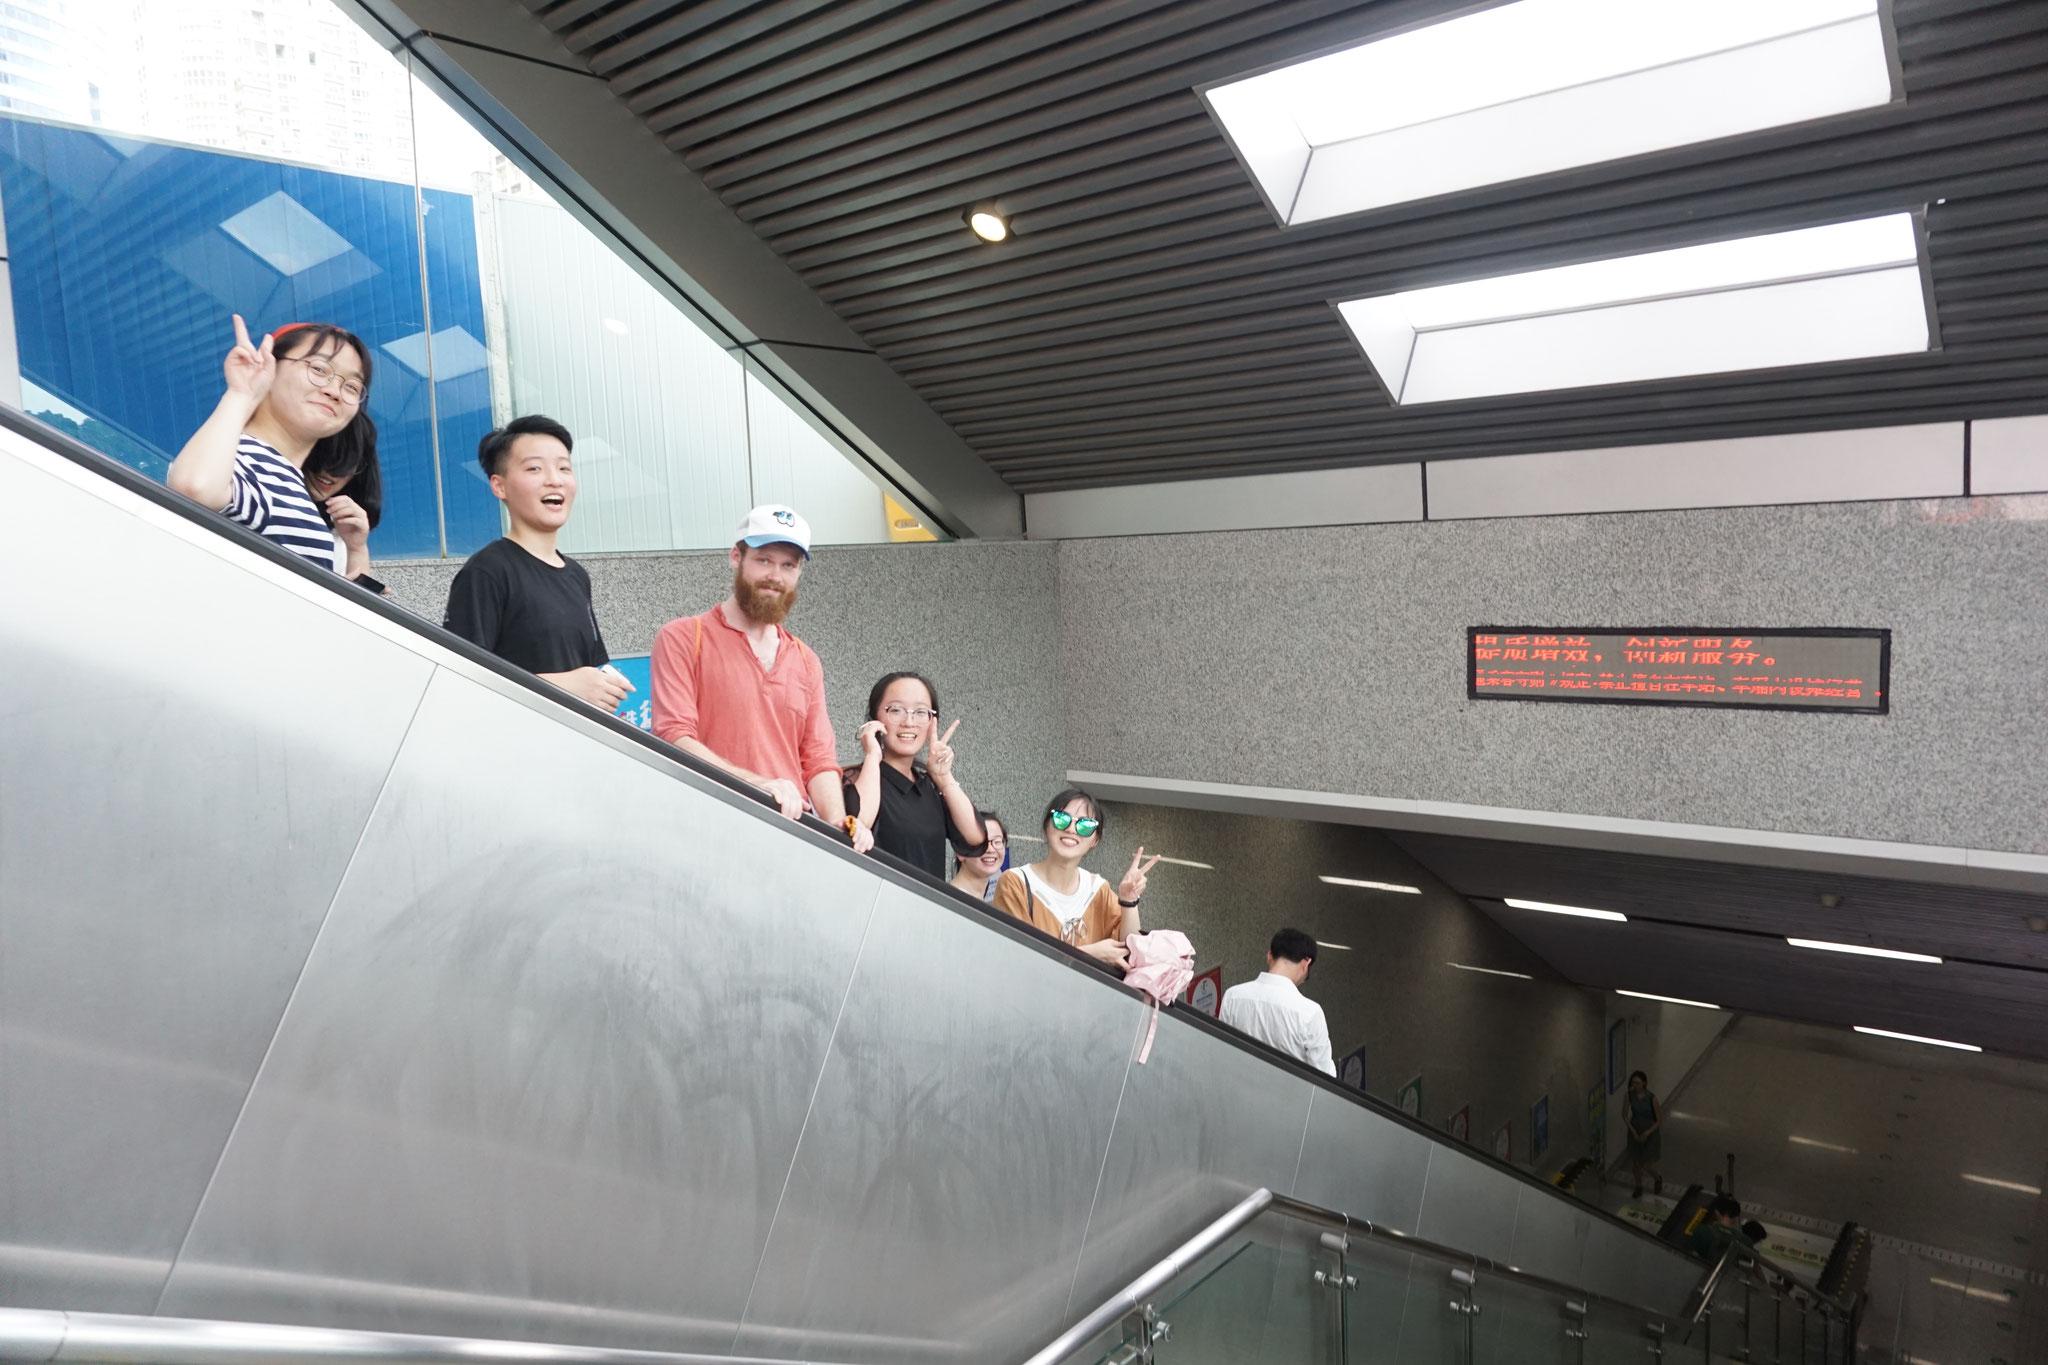 Mit Schülerinnen in der U-Bahn